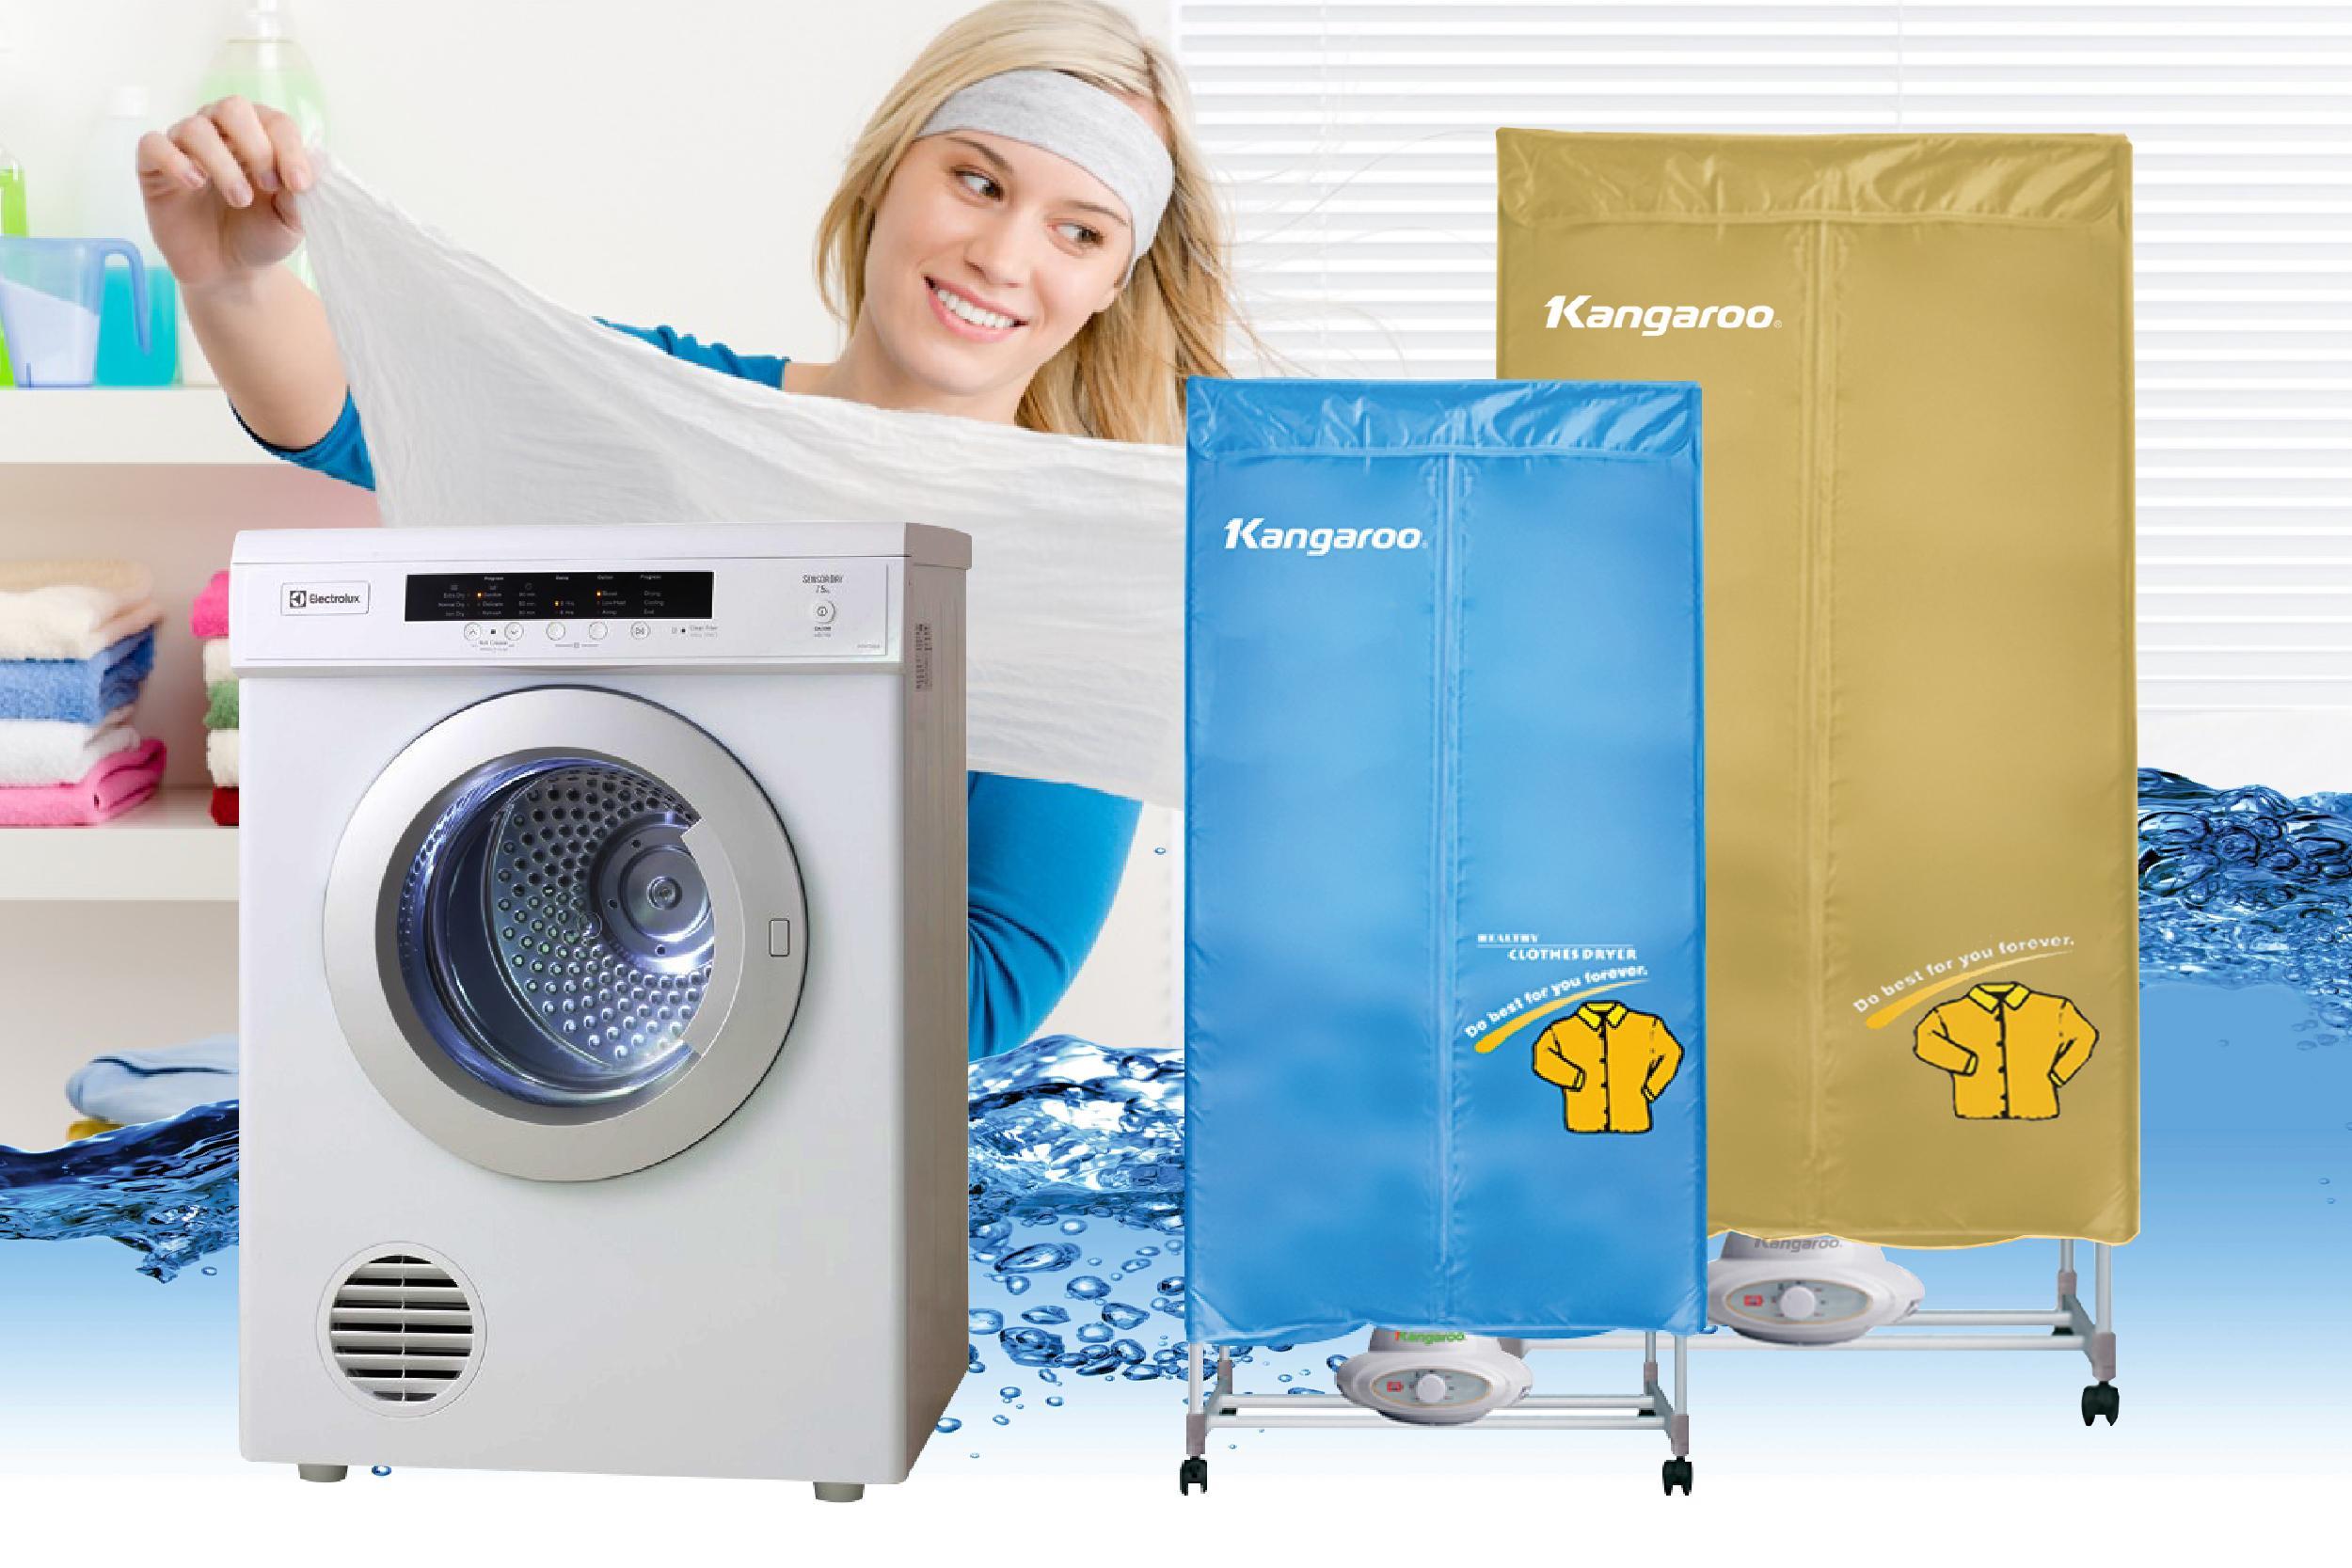 chọn mua tủ sấy hay máy sấy quần áo cho mùa đông